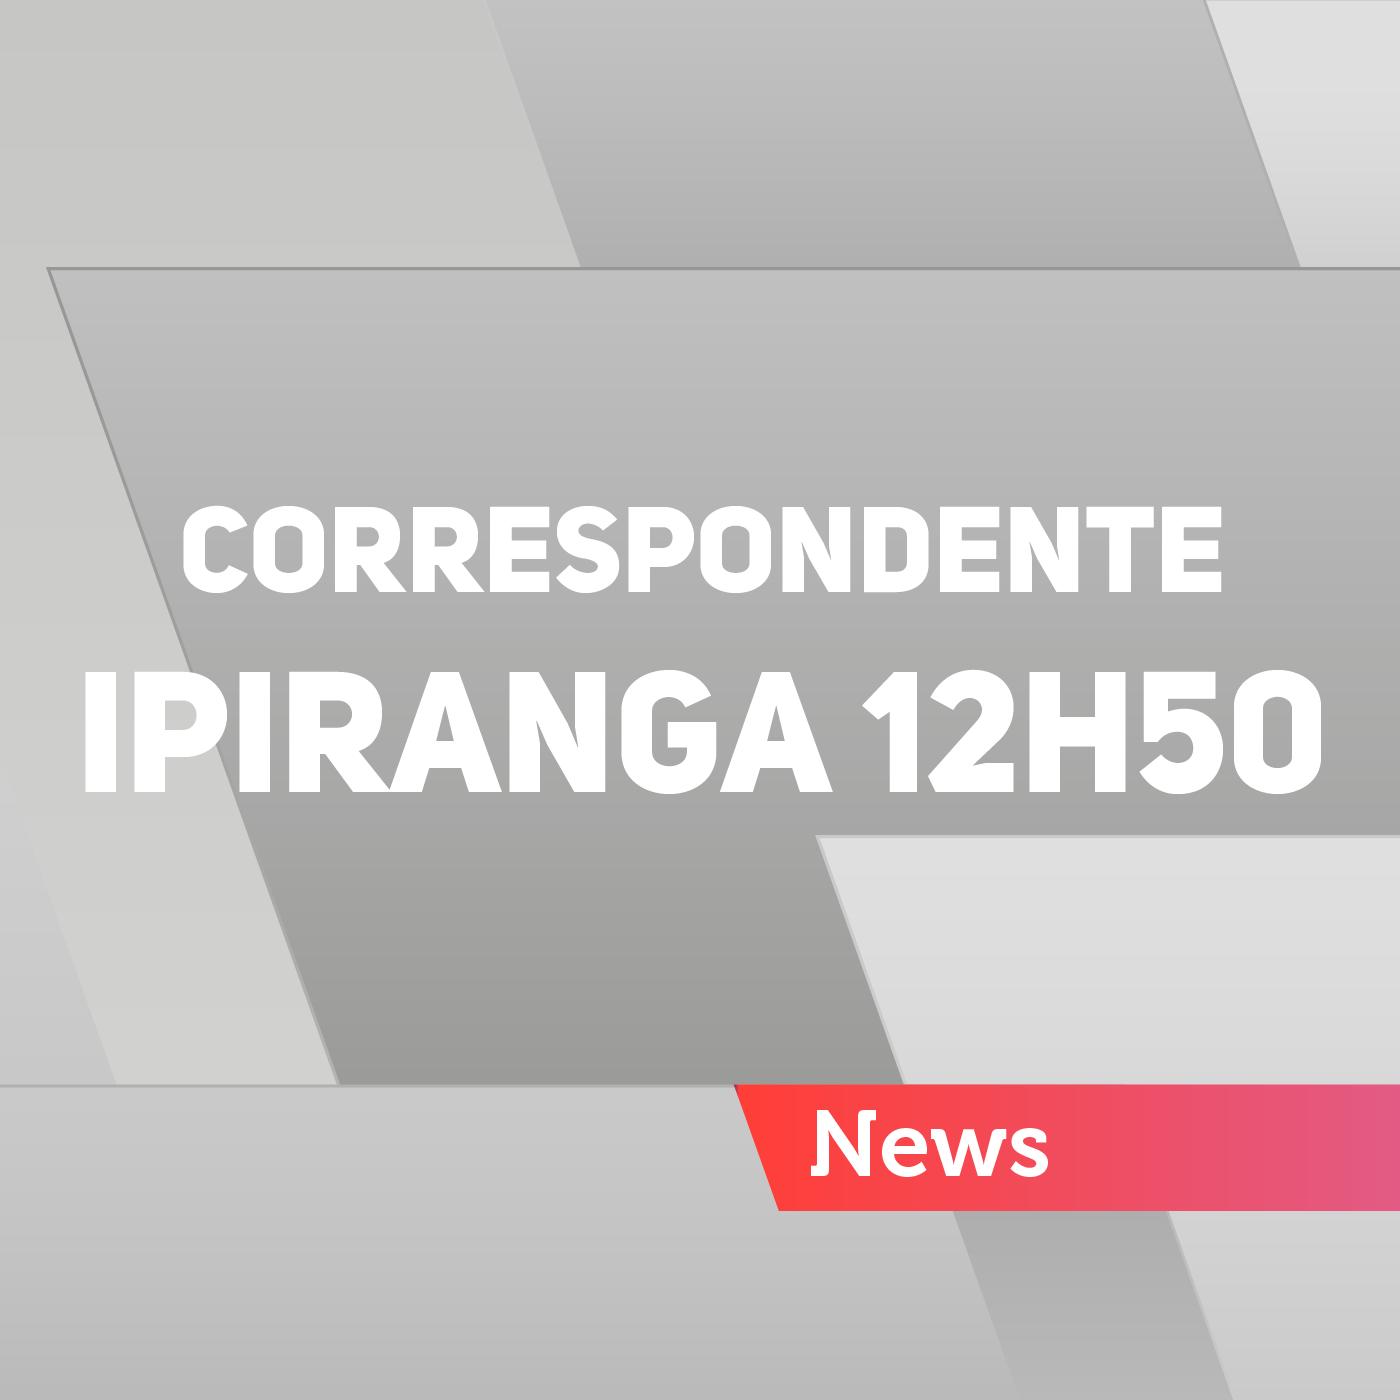 Correspondente Ipiranga 12h50 - 24/04/2017